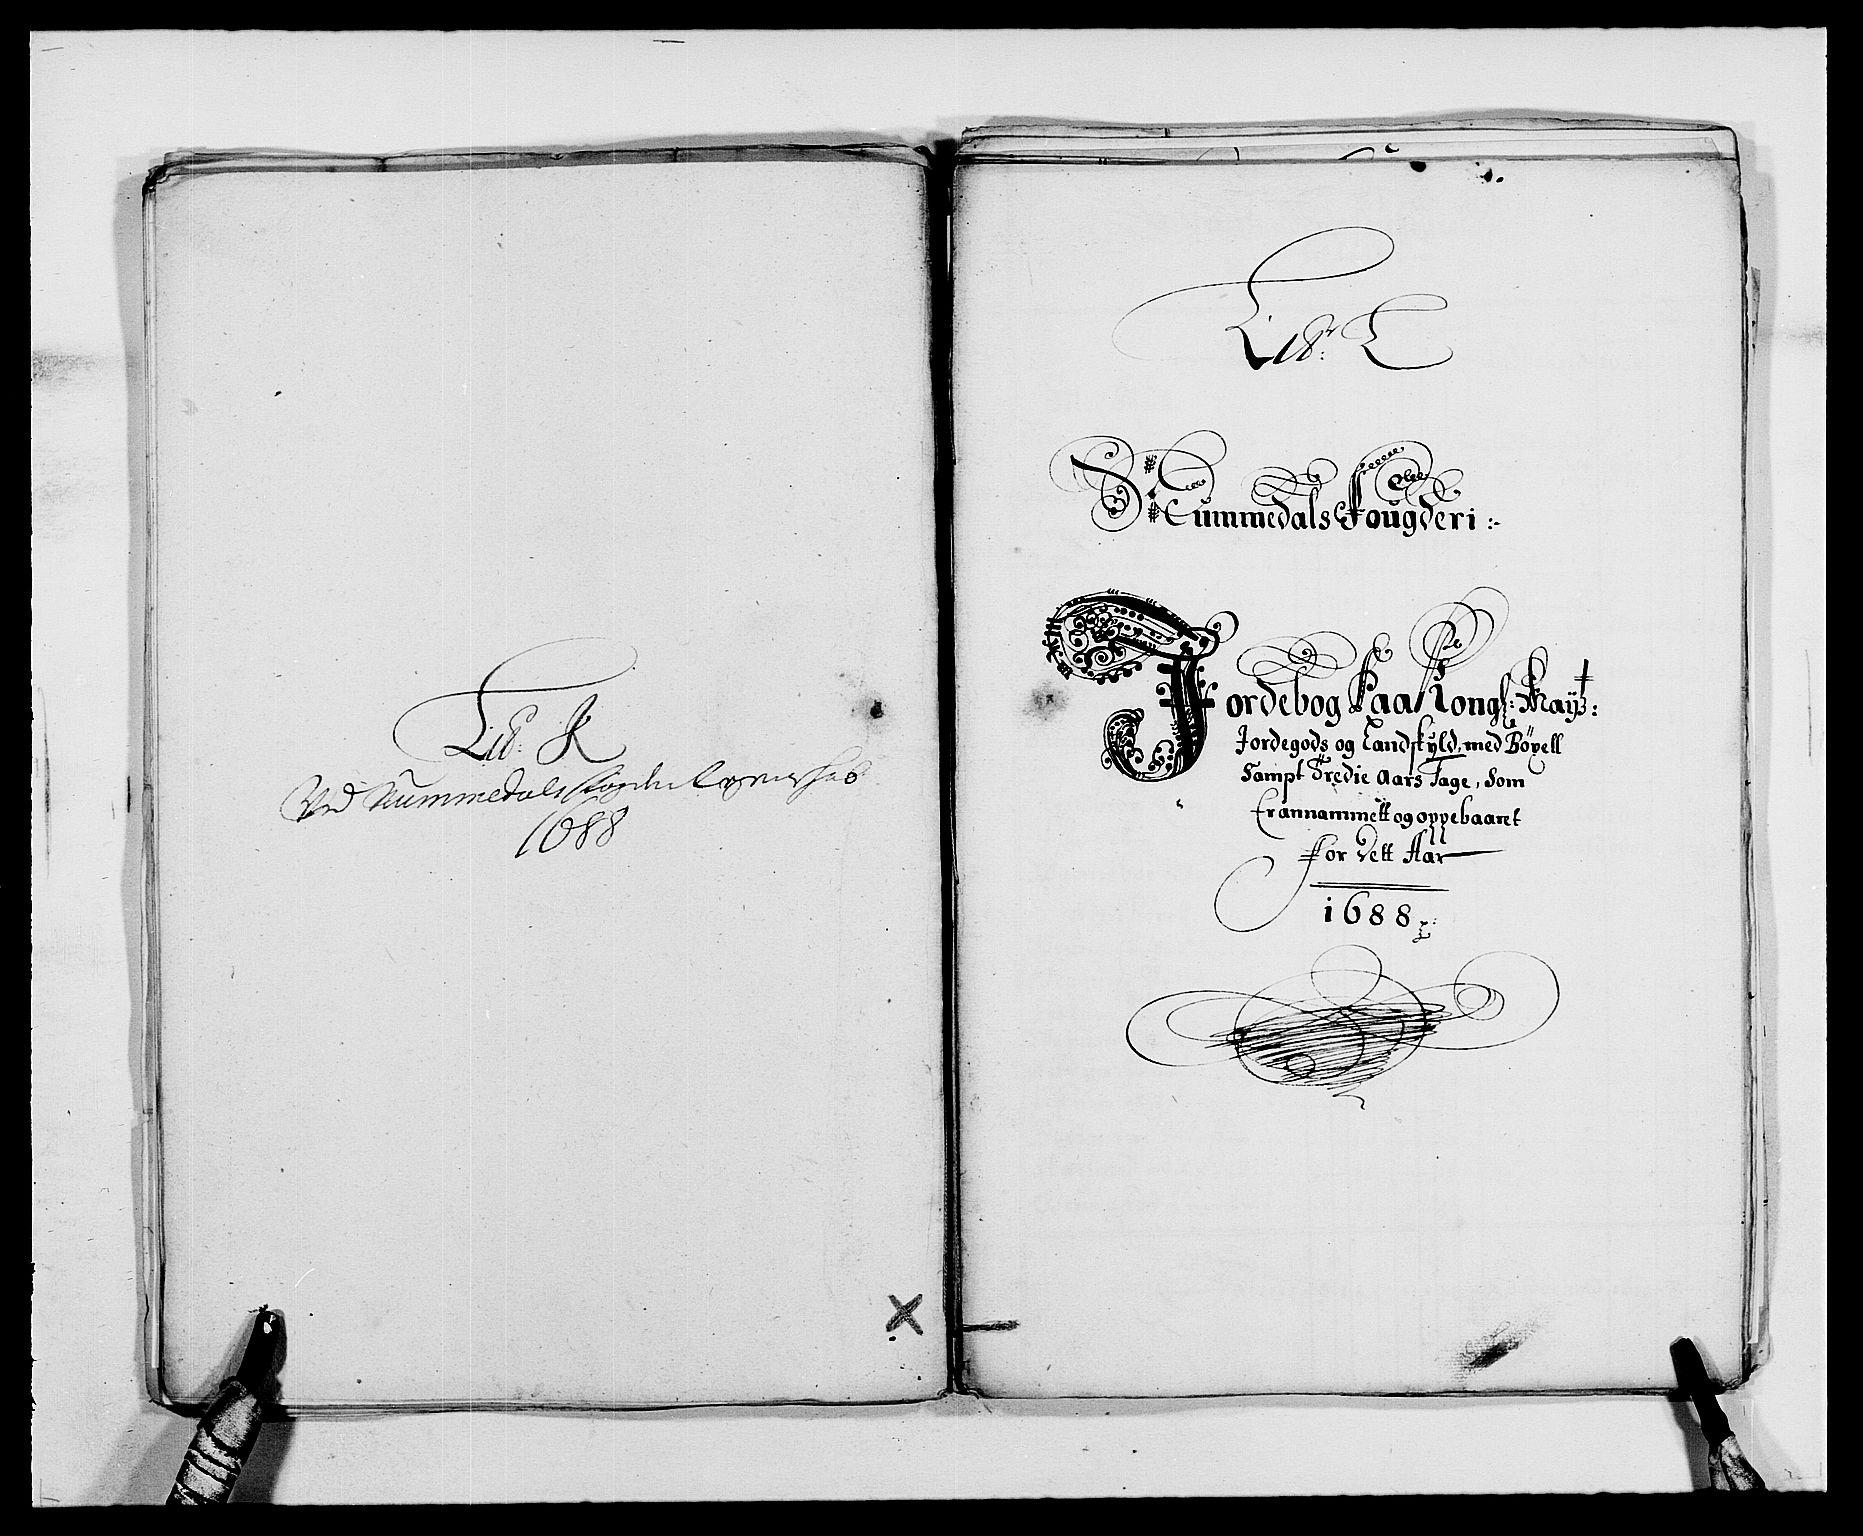 RA, Rentekammeret inntil 1814, Reviderte regnskaper, Fogderegnskap, R64/L4422: Fogderegnskap Namdal, 1687-1689, s. 150